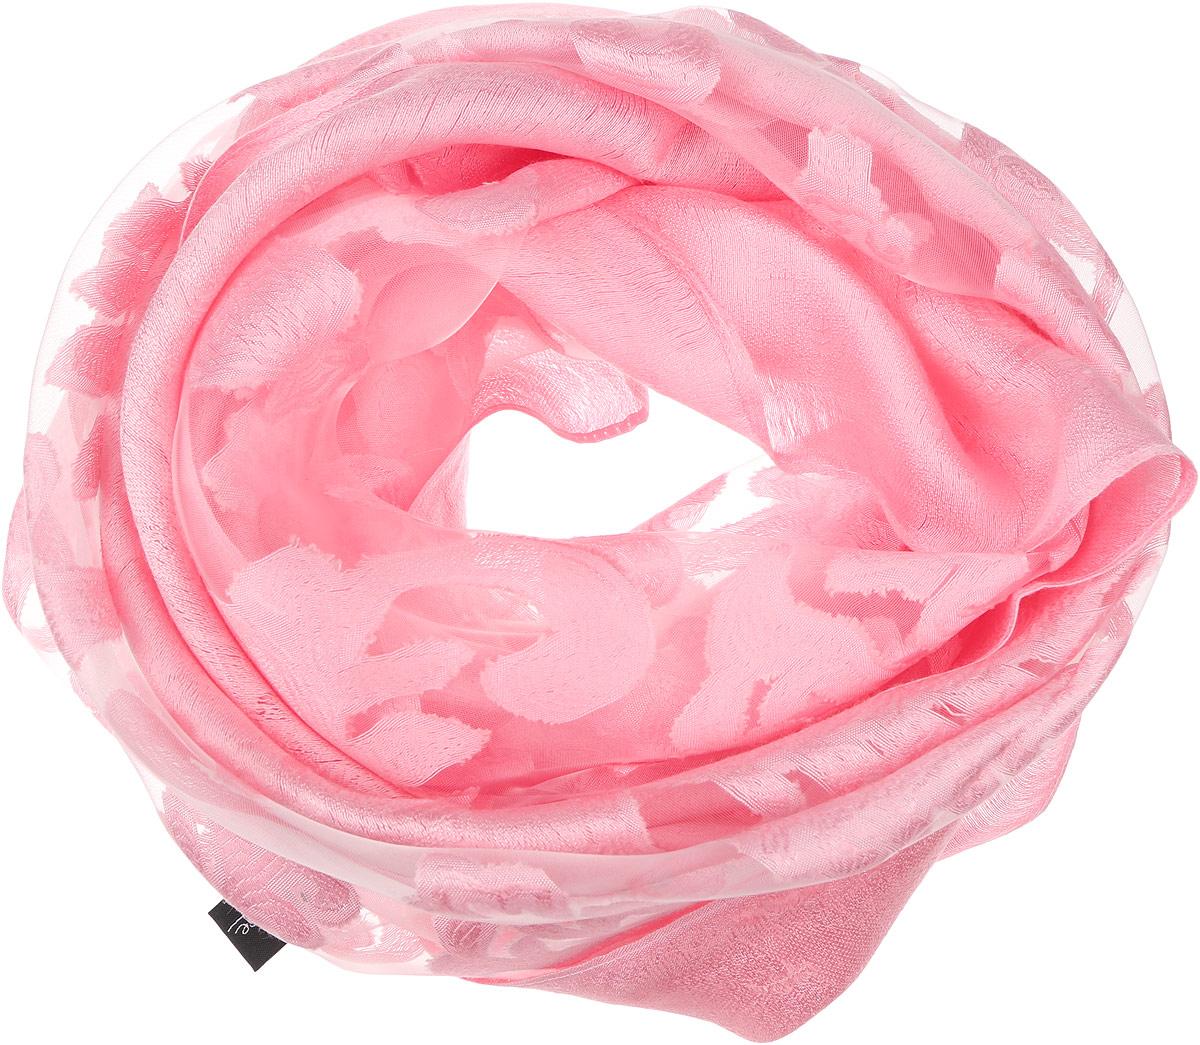 Палантин женский Sophie Ramage, цвет: розовый. YY-21658-27. Размер 70 см х 180 смYY-21658-27Элегантный палантин Sophie Ramage станет достойным завершением вашего образа. Палантин изготовлен из шелка с добавлением вискозы. Оформлена модель вставками из полупрозрачного материала и стильным узором. Палантин красиво драпируется, он превосходно дополнит любой наряд и подчеркнет ваш изысканный вкус. Легкий и изящный палантин привнесет в ваш образ утонченность и шарм.